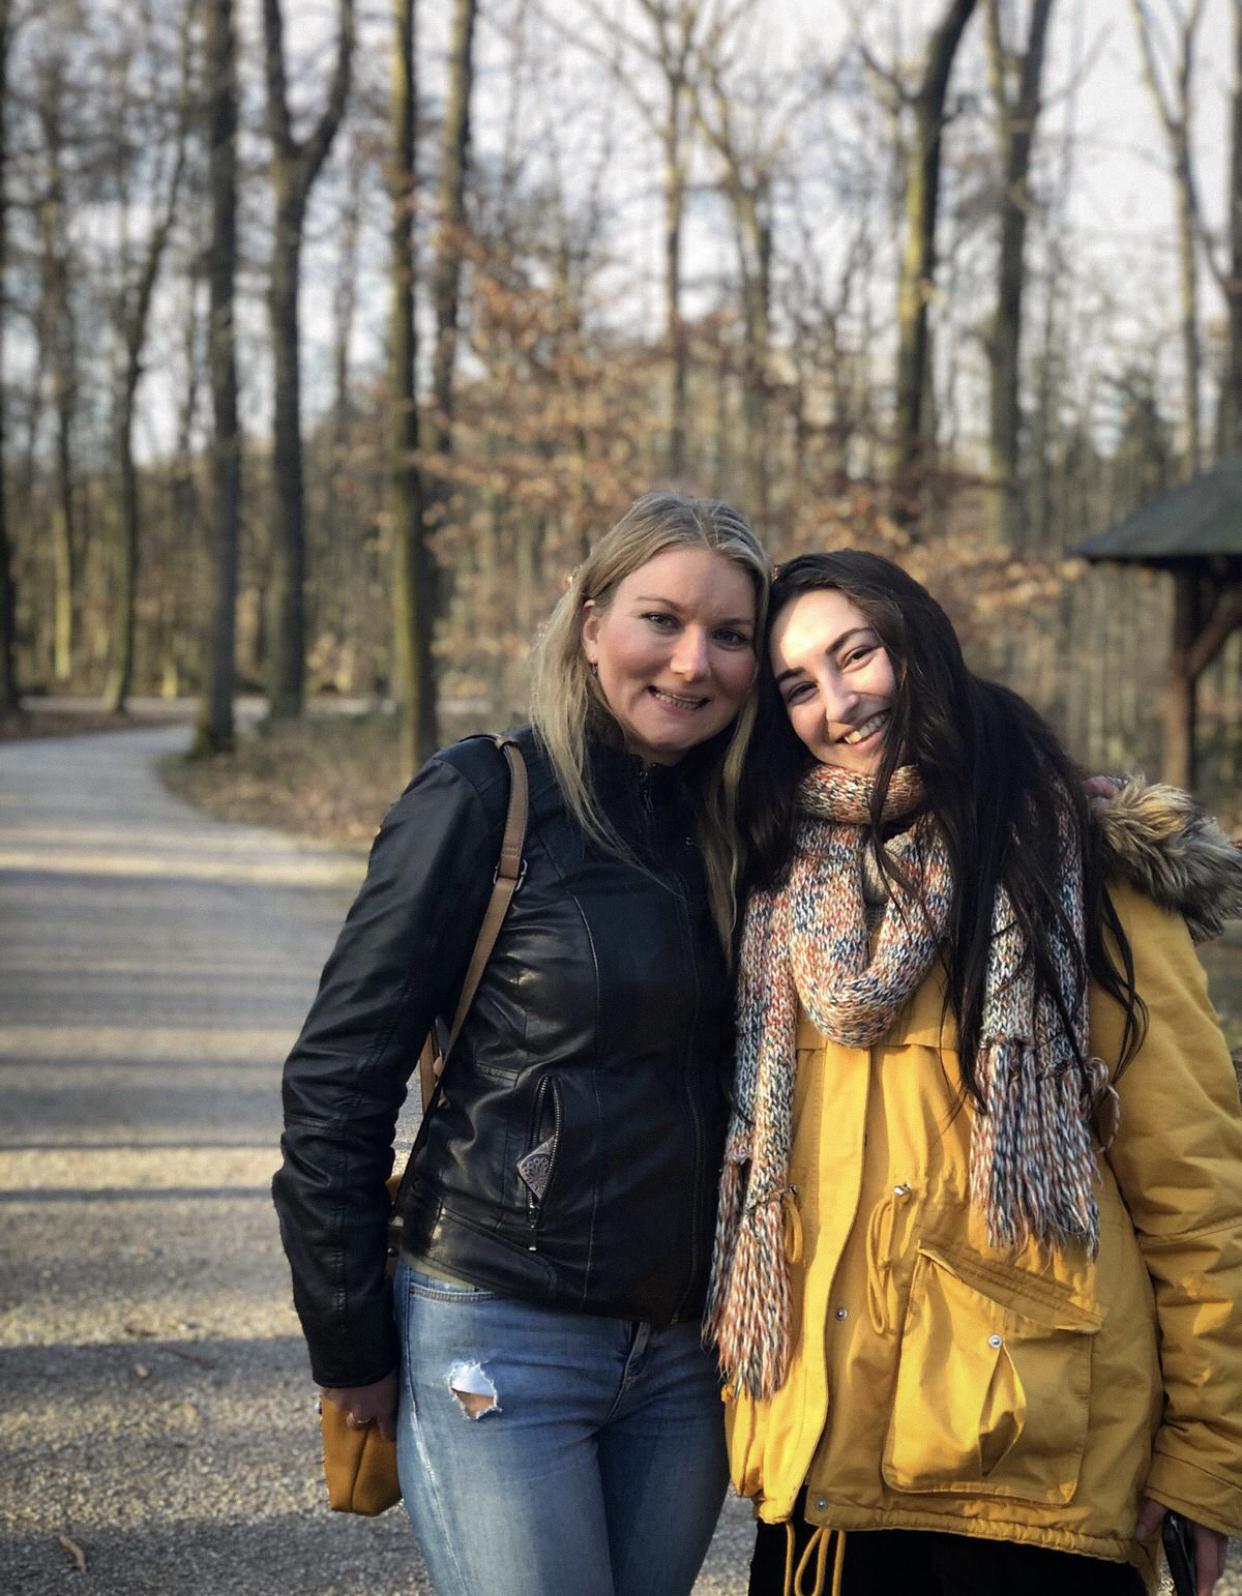 Lena & I.